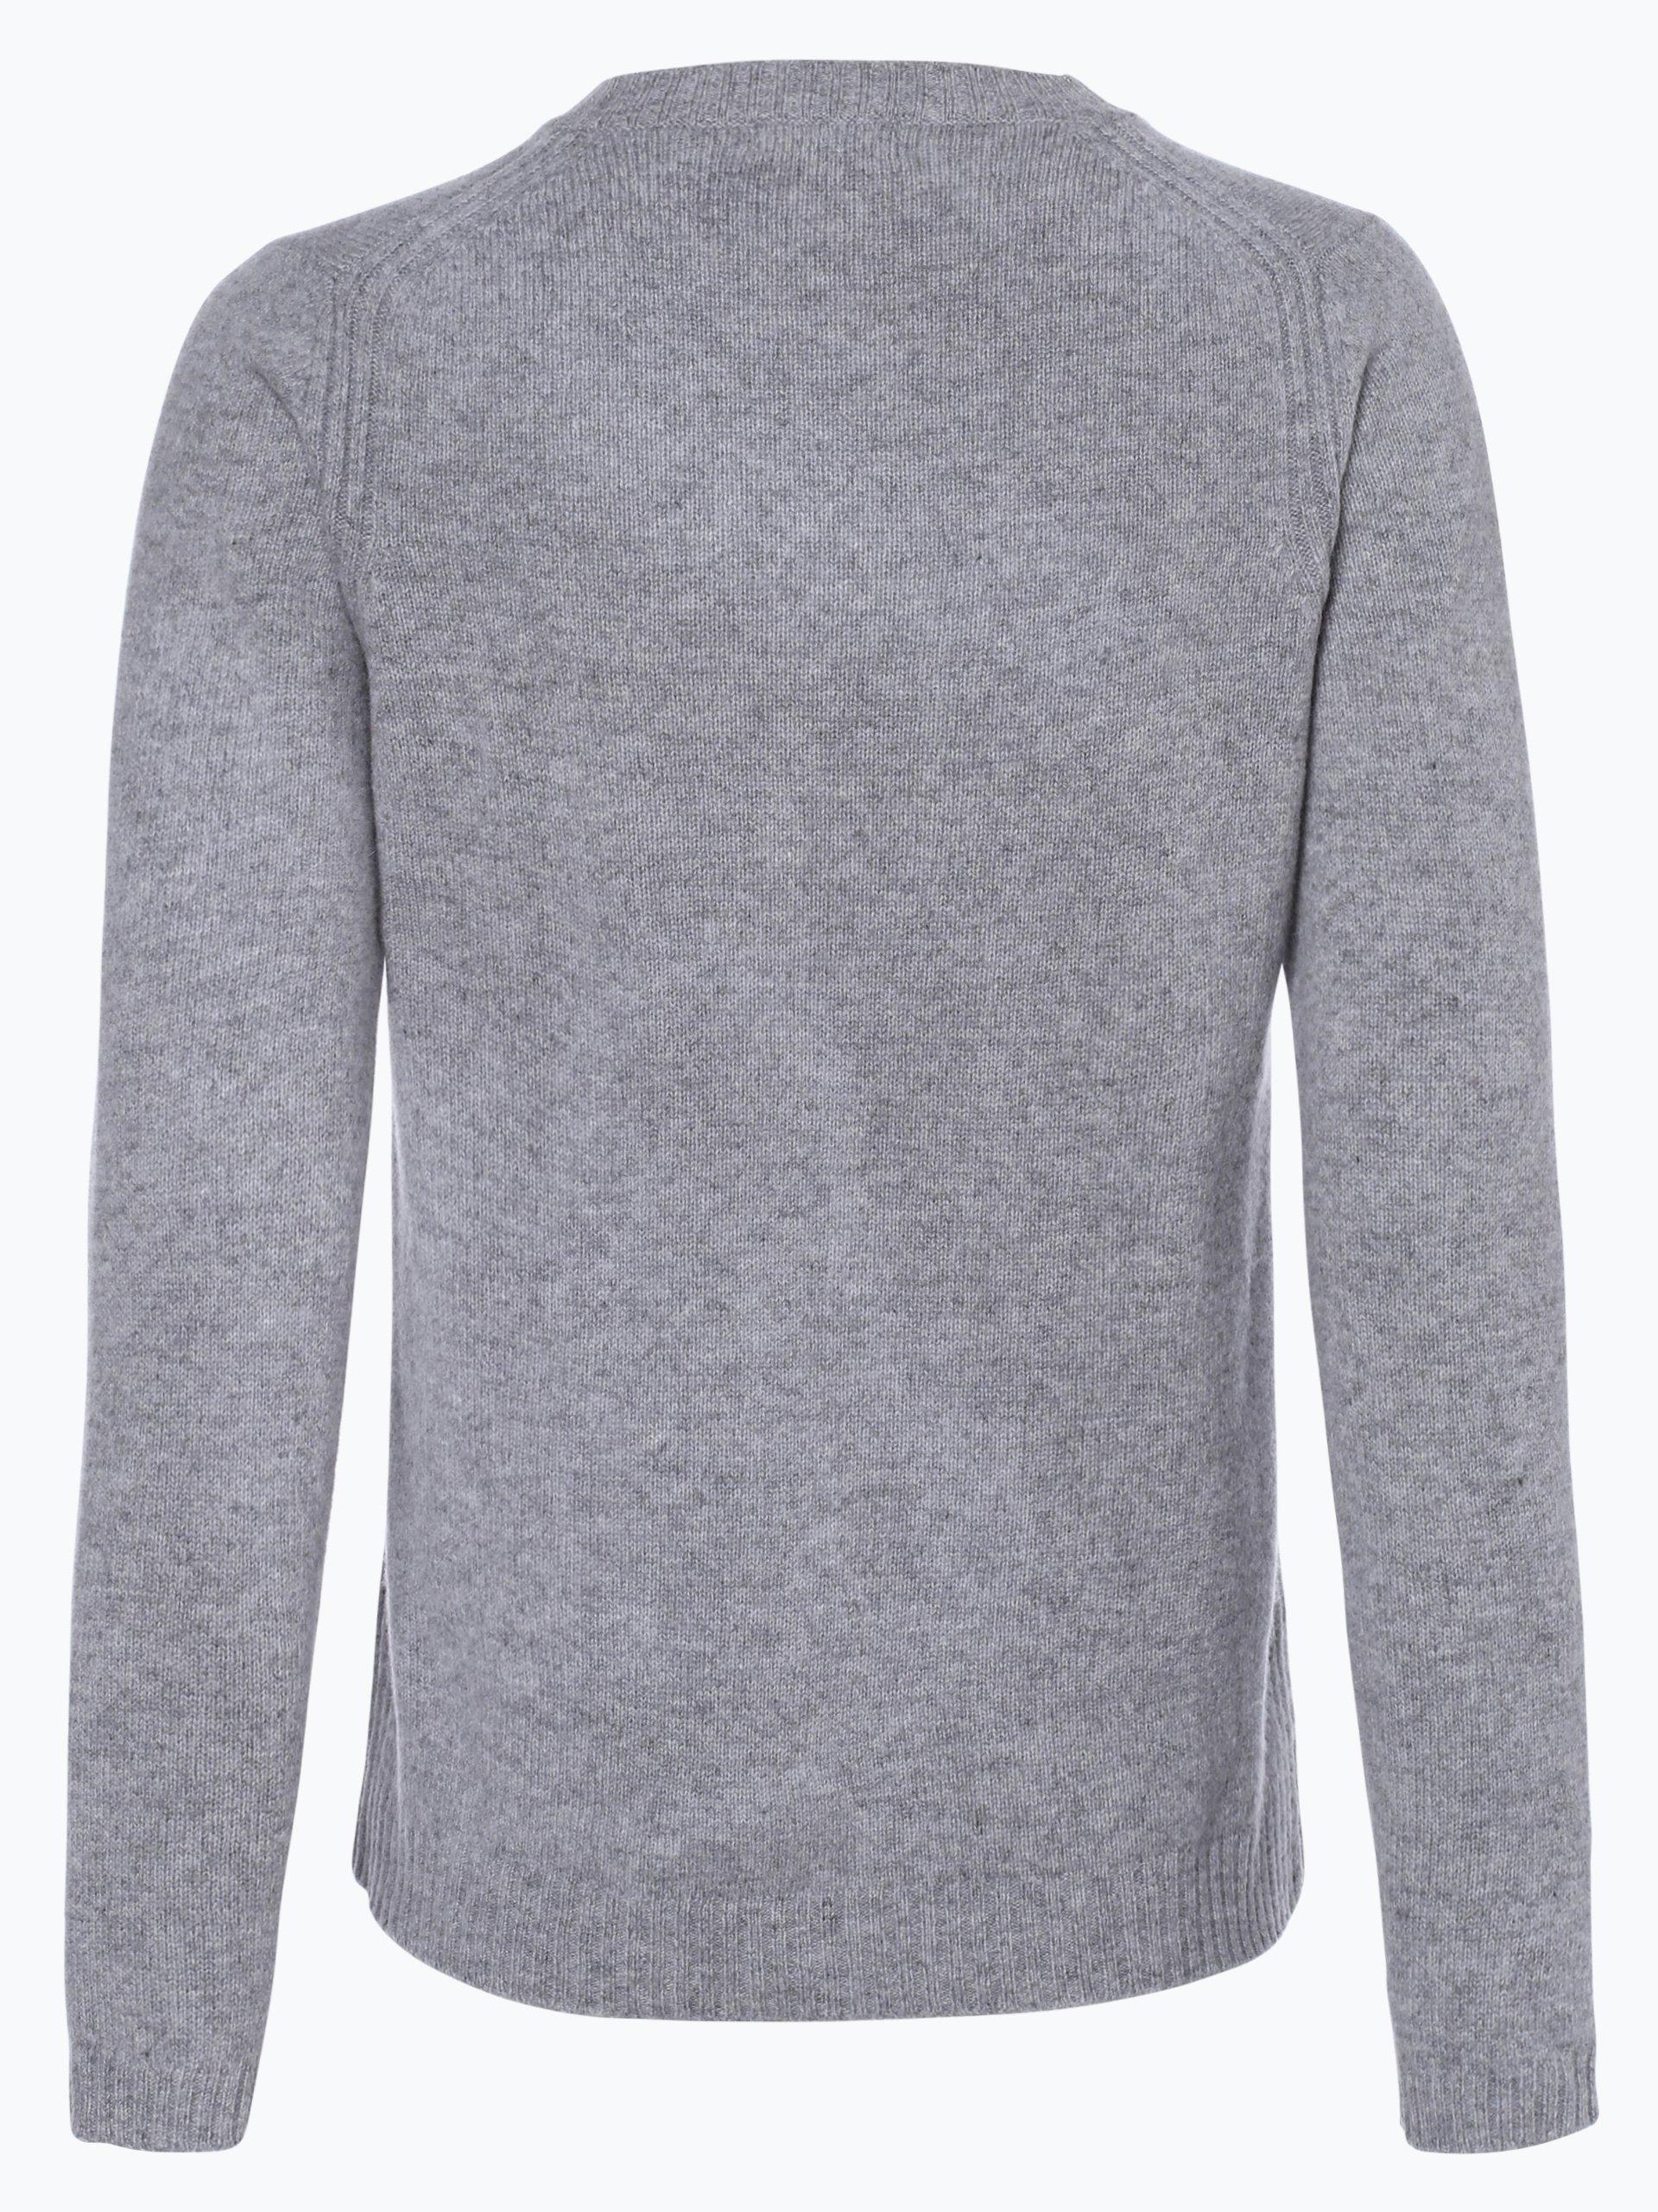 Franco Callegari Damski sweter z wełny merino